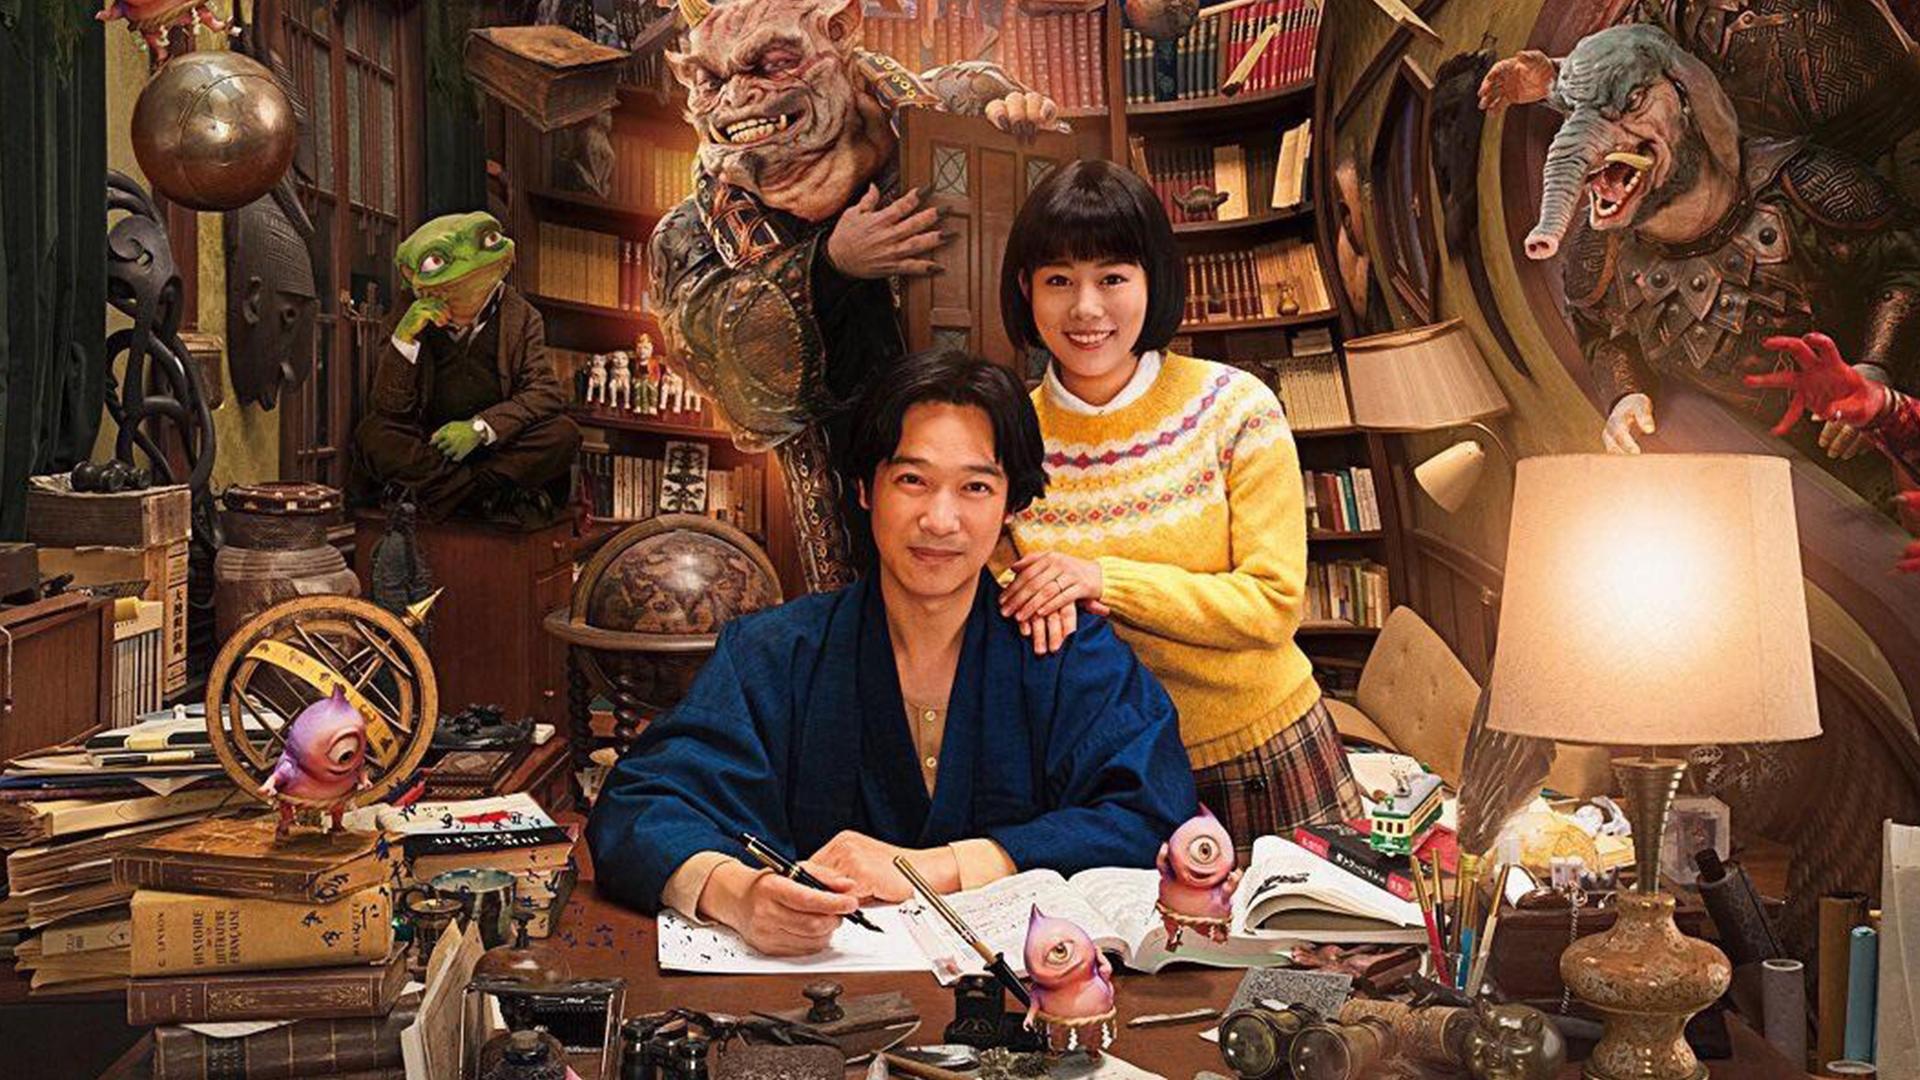 真人版千与千寻,日本版神奇动物在哪里,电车宅男的黄泉救妻之旅